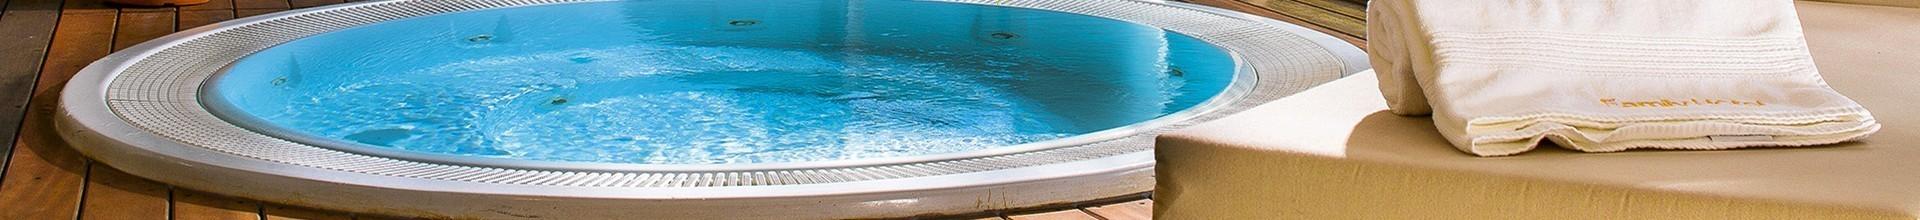 Vente spa en ligne direct fabricant, produit Nouvelle Aquitaine